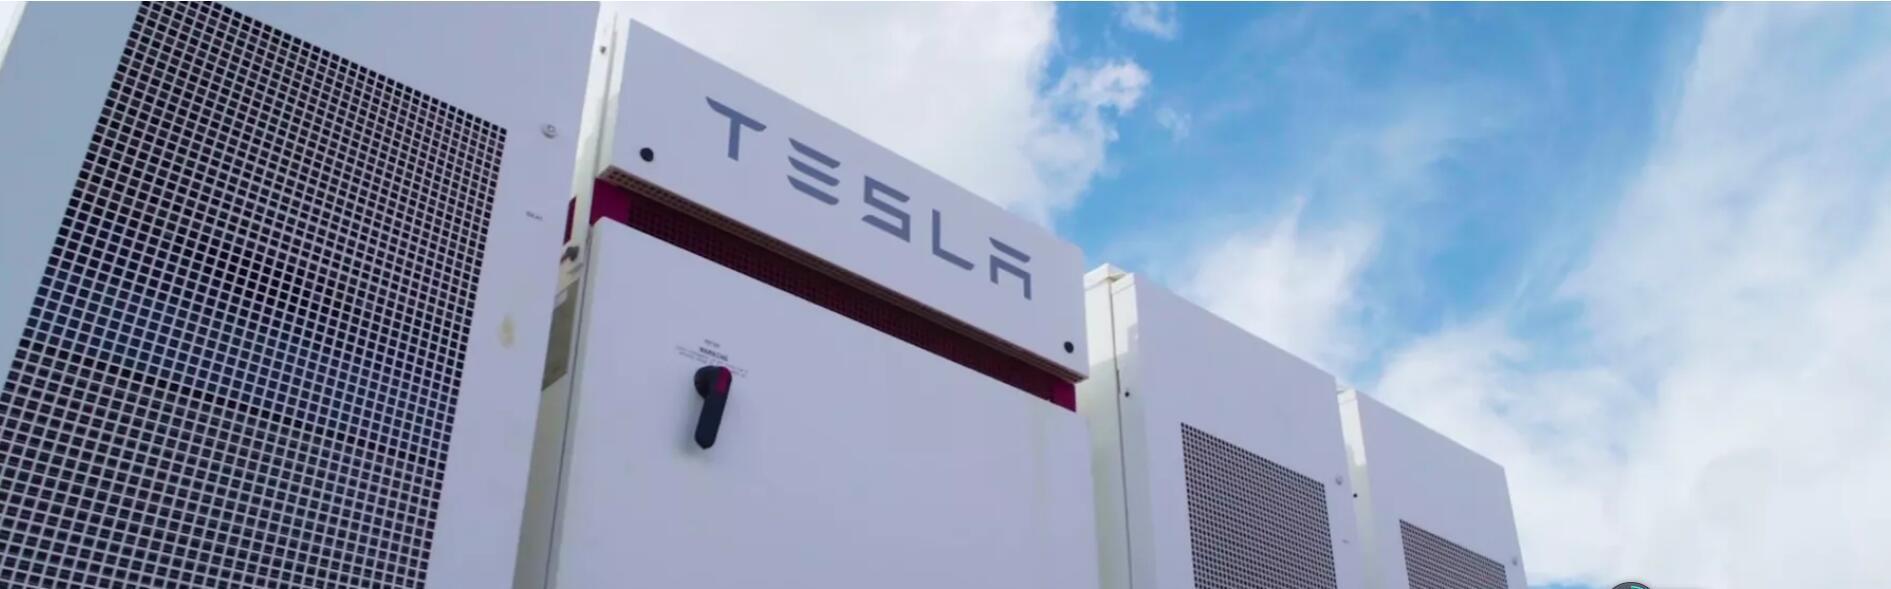 亚马逊与特斯拉合作 拟为其配送中心增储能设备